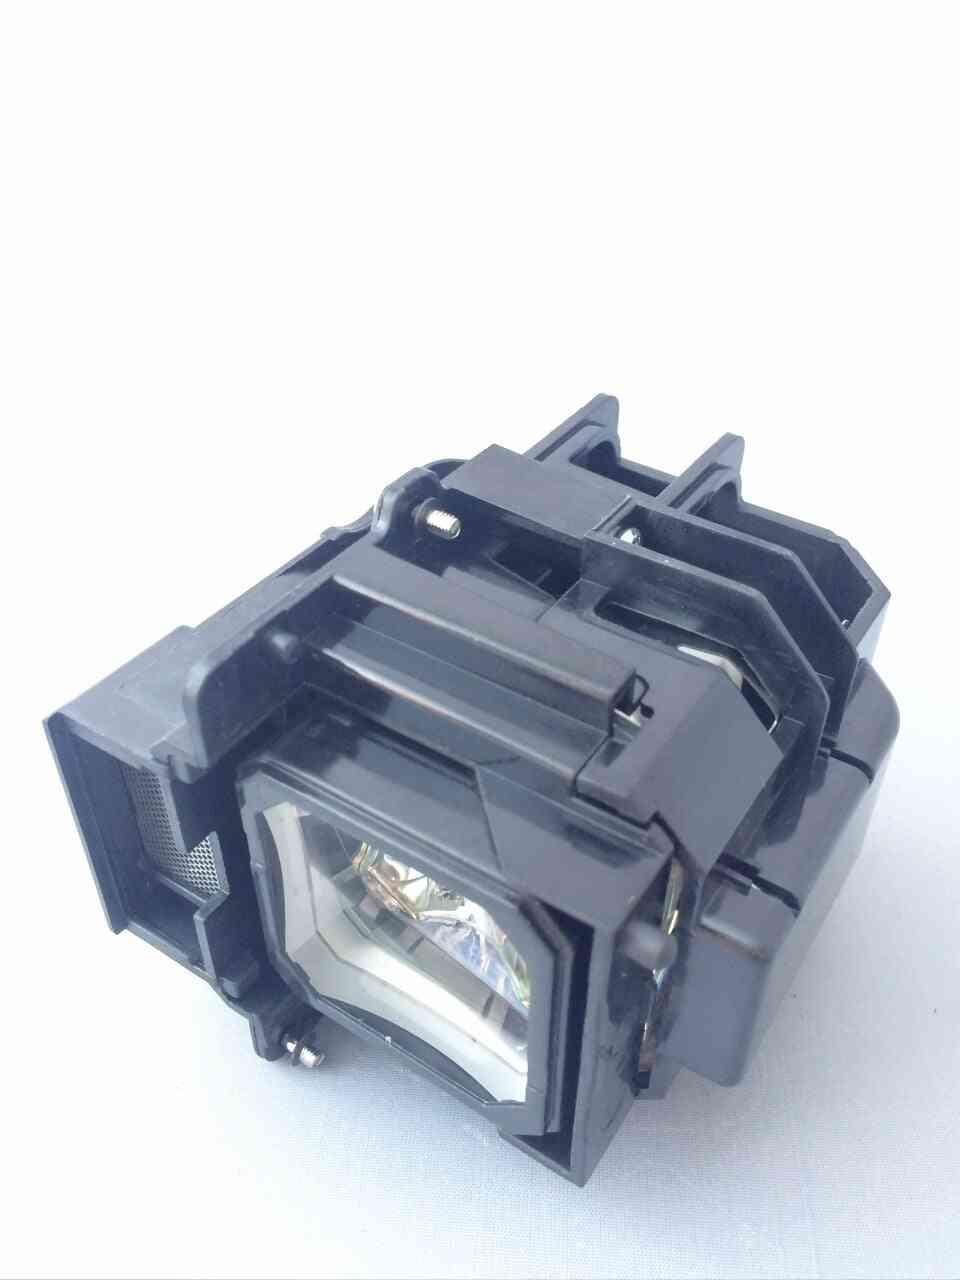 Vt75lp Projector Lamp